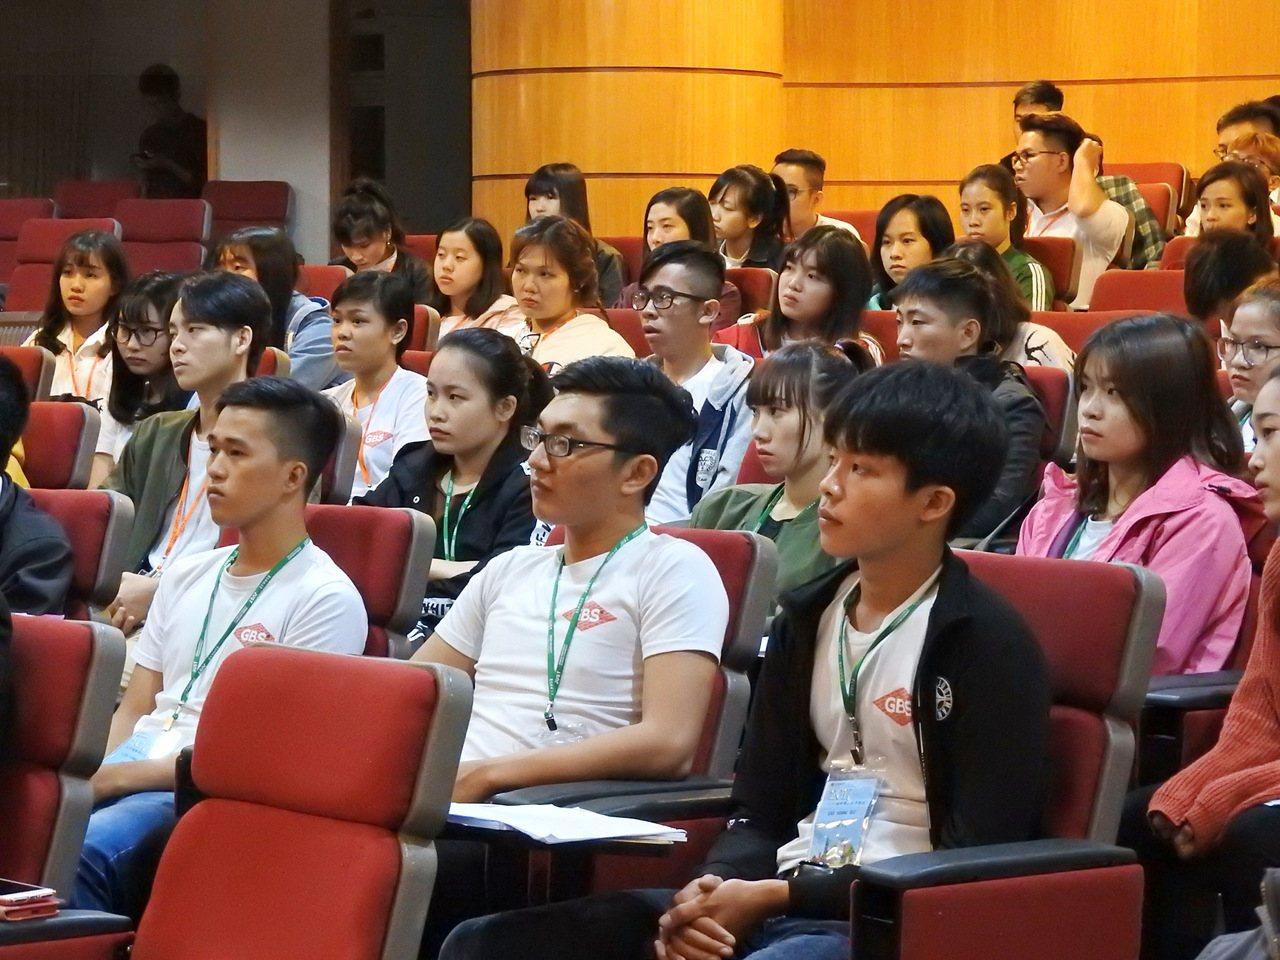 景文科大配合教育新南向政策開設越南專班昨天開學,80名越南學生仔細聆聽課程說明。...